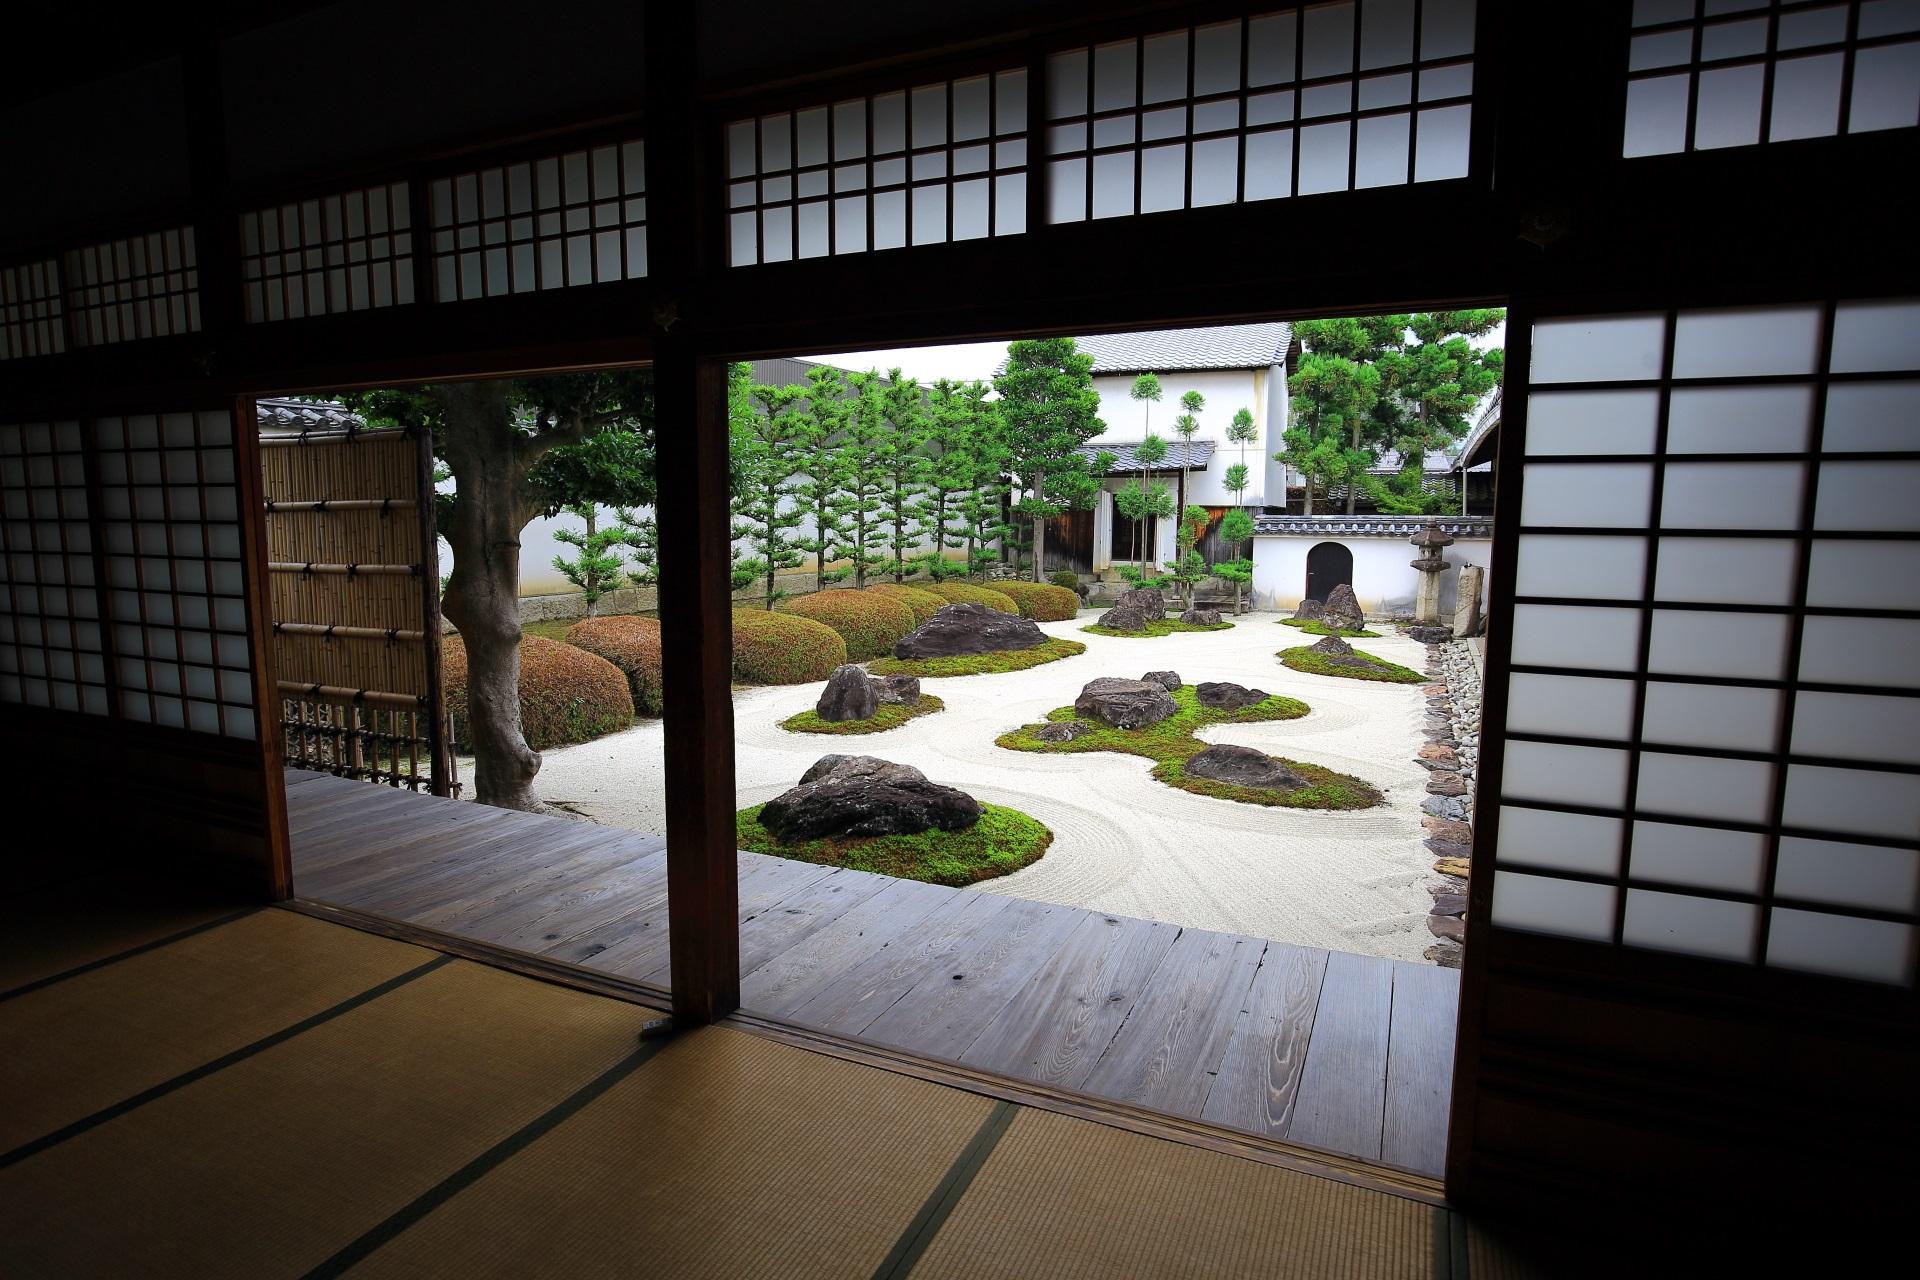 妙蓮寺の額縁庭園としての十六羅漢石庭